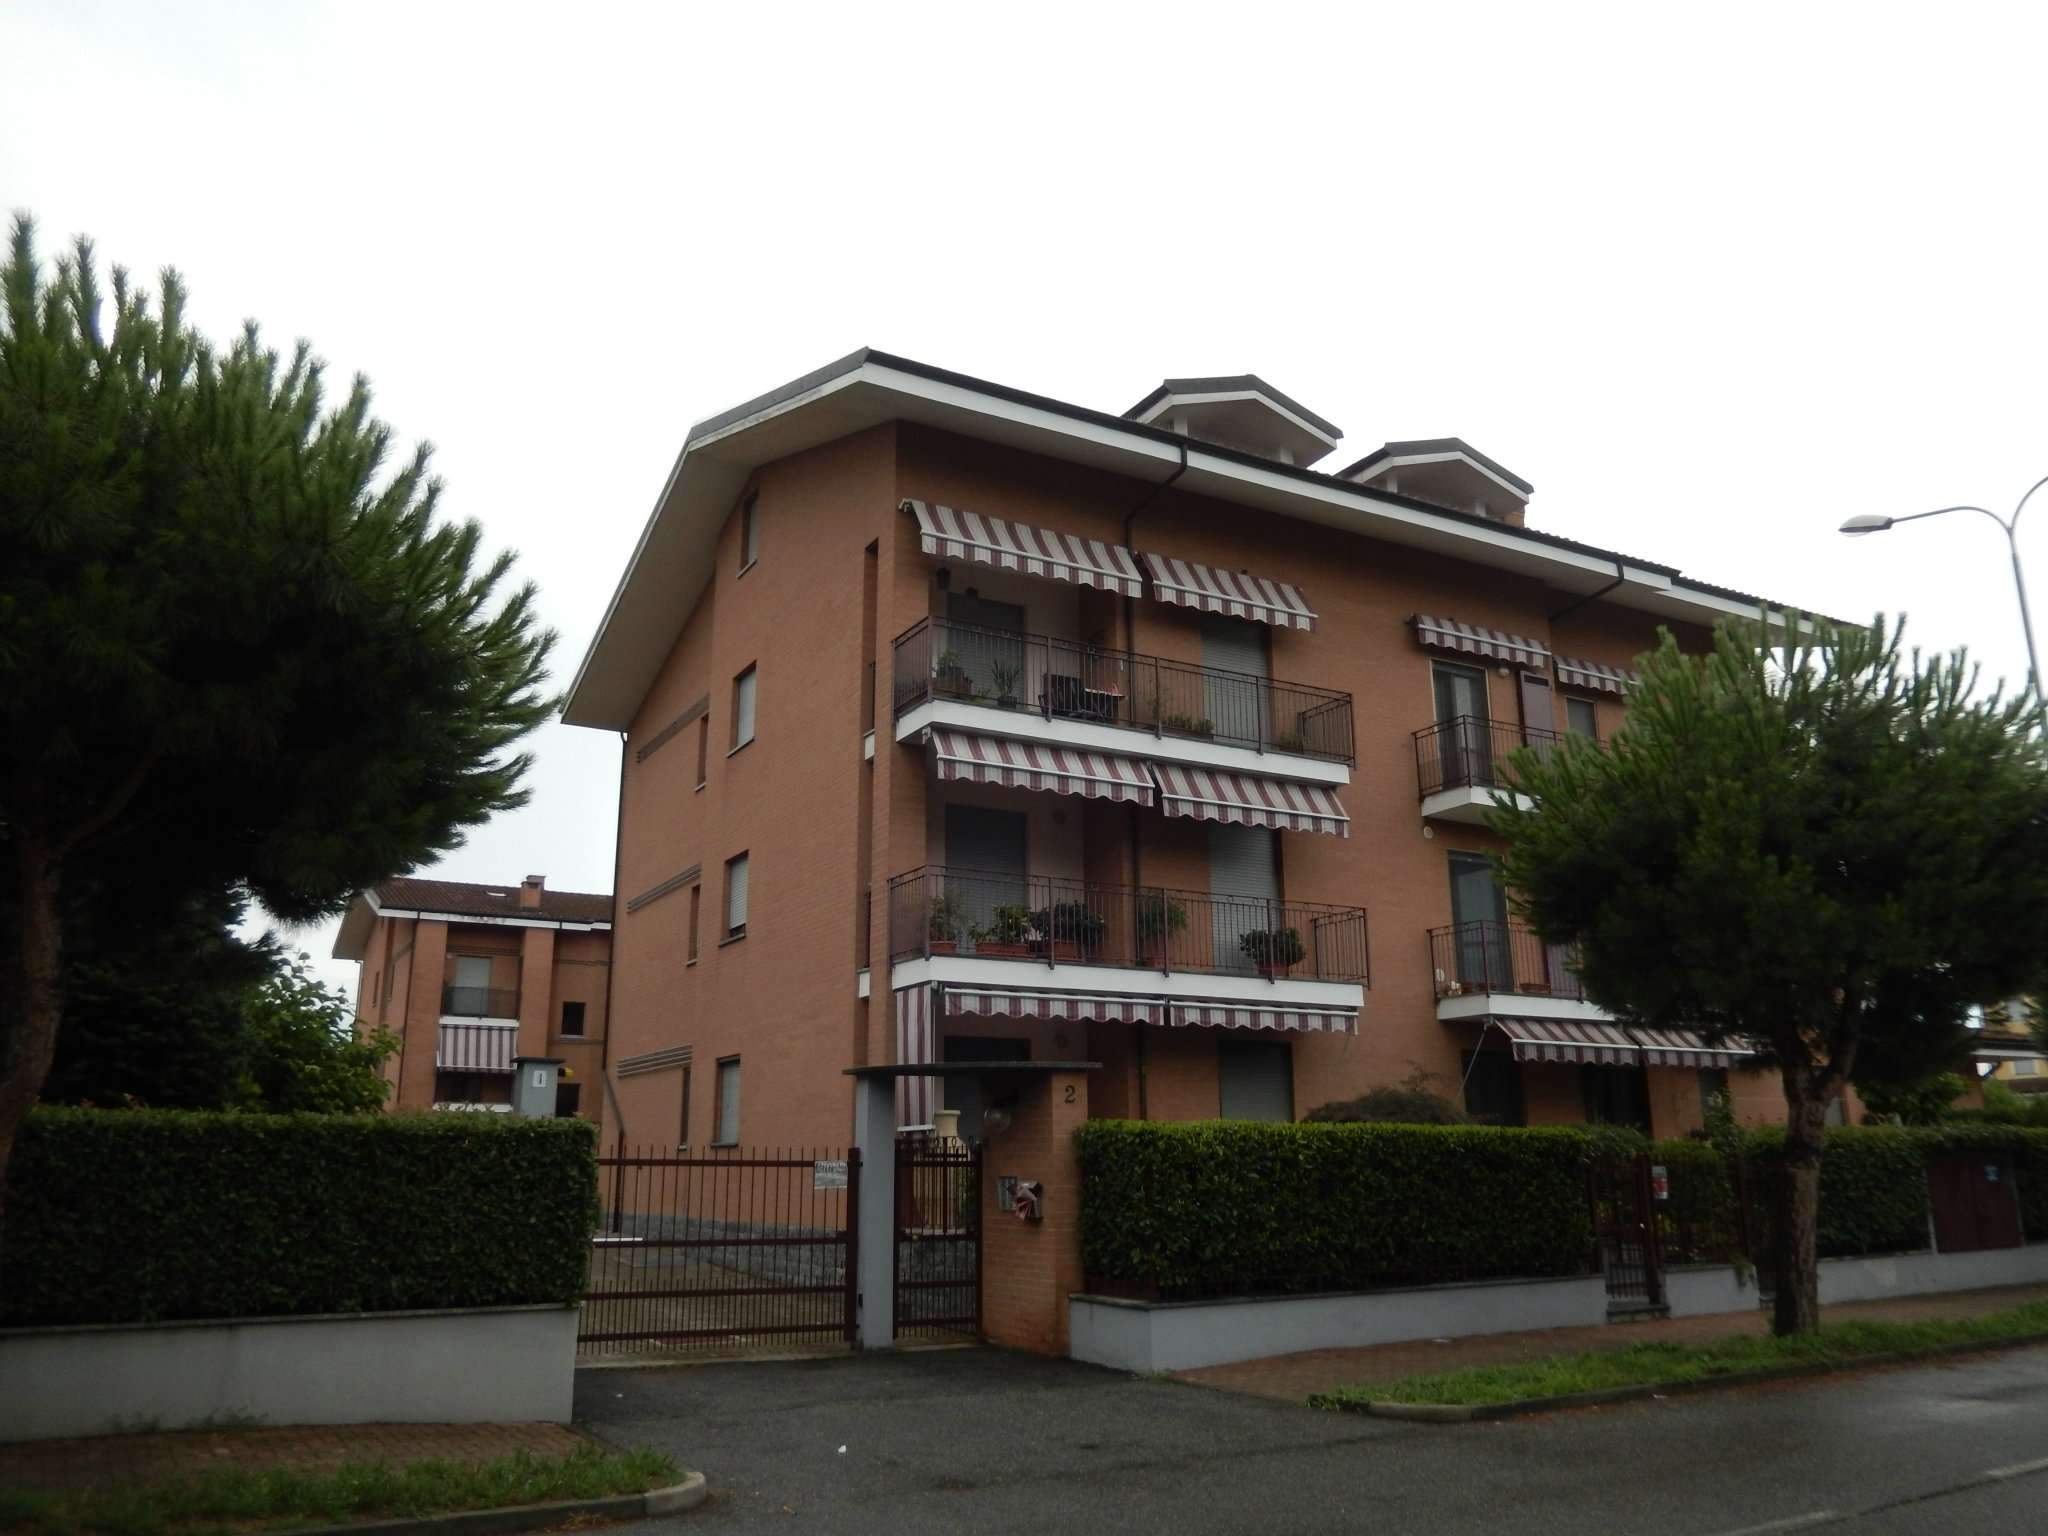 Appartamento in vendita a Leini, 3 locali, prezzo € 170.000 | CambioCasa.it